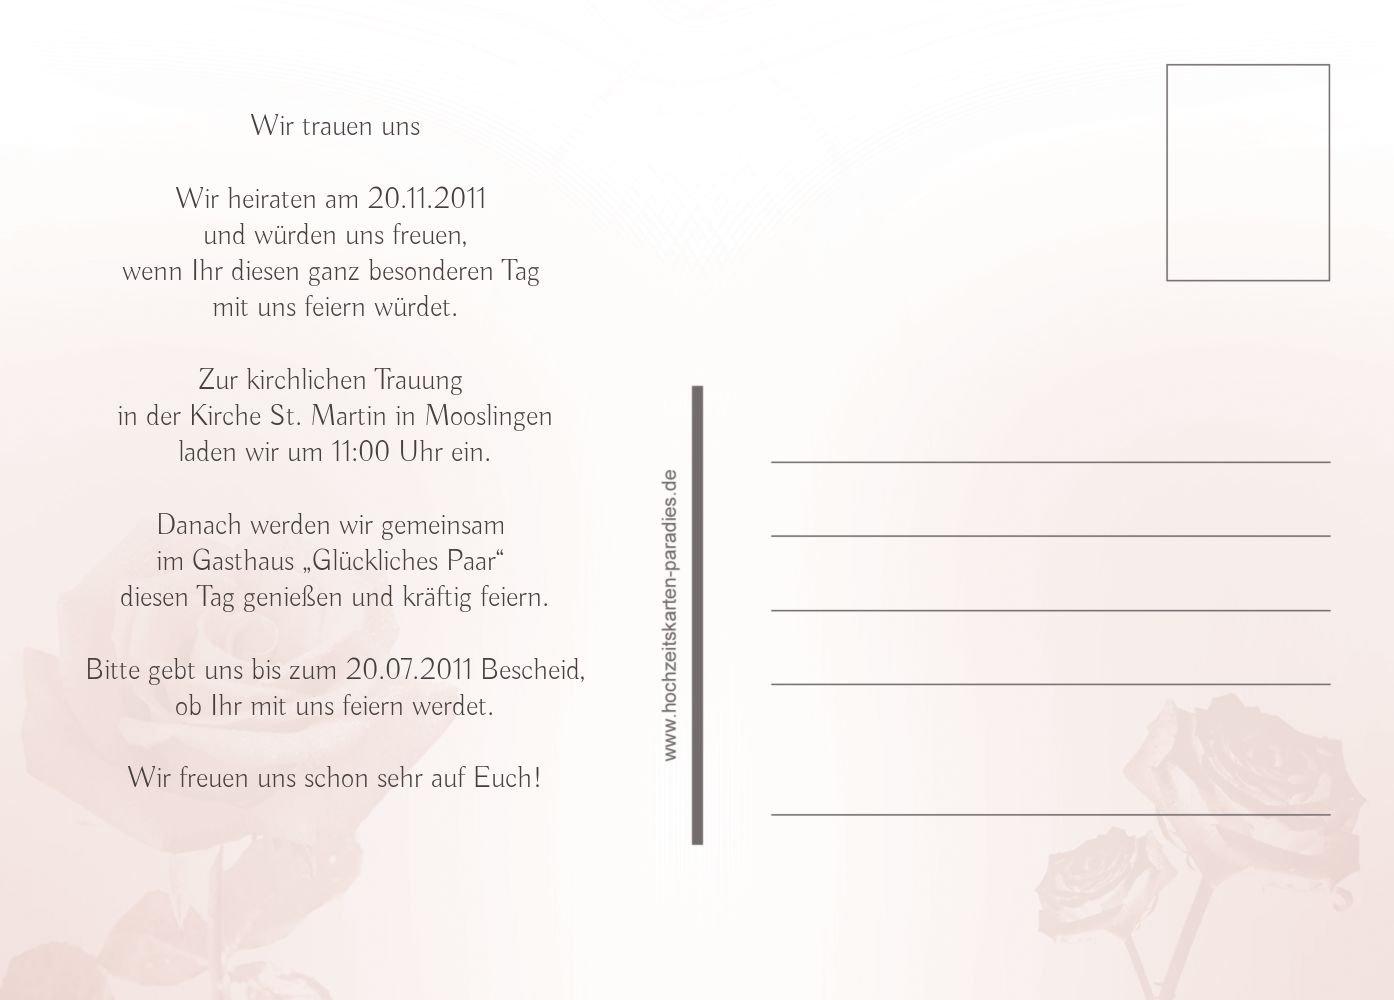 Kartenparadies Kartenparadies Kartenparadies Hochzeitskarte Save-the-Date Rosa, hochwertige Save the Date Karte zur Hochzeit   30 Karten - (Format  148x105 mm) Farbe  HellRosa B01MS9LMCN Postkarten Qualität und Verbraucher an erster Stelle bf4264